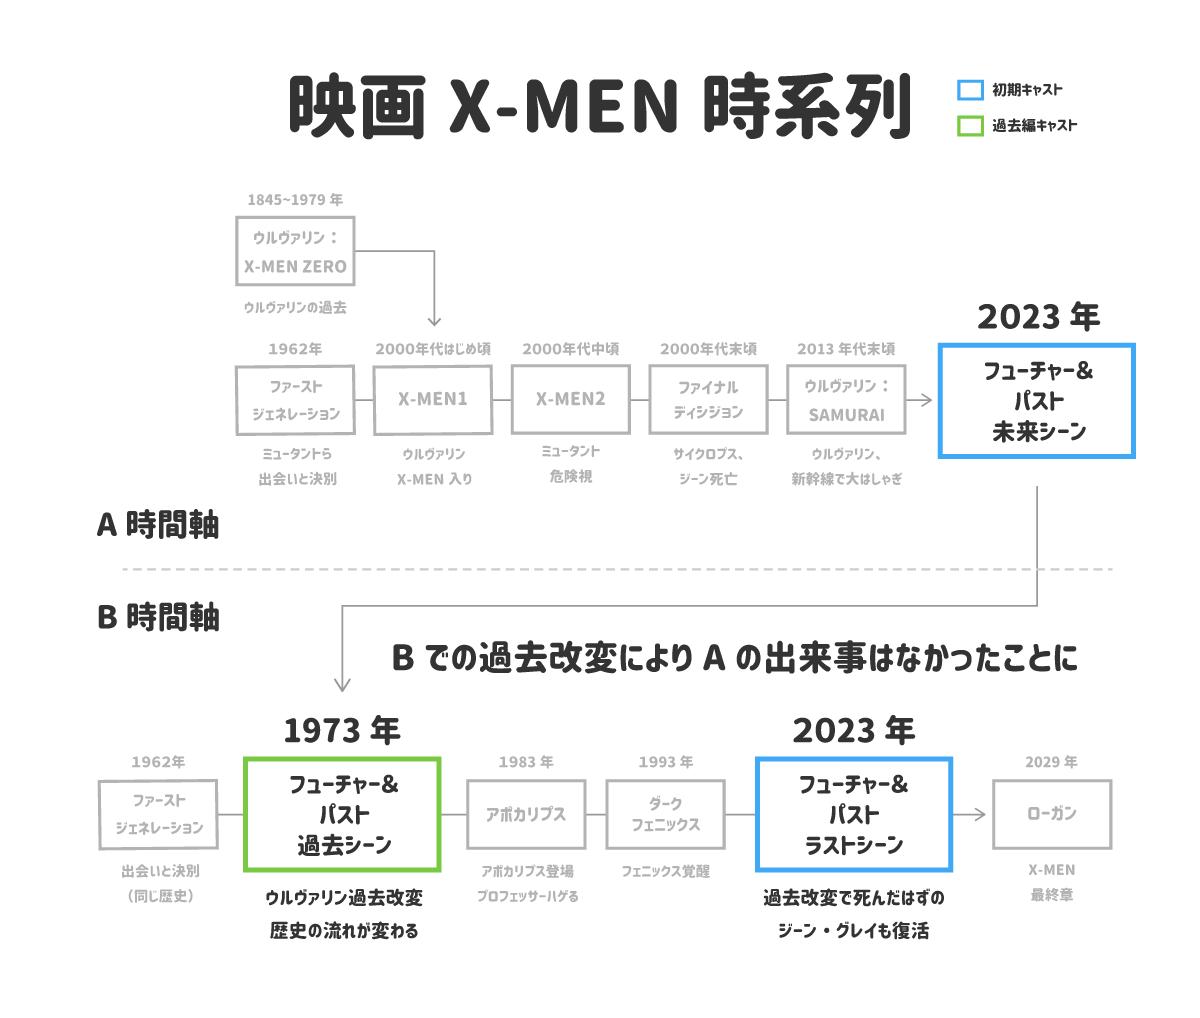 映画X-MENの時系列はフューチャー&パストでリセットされた